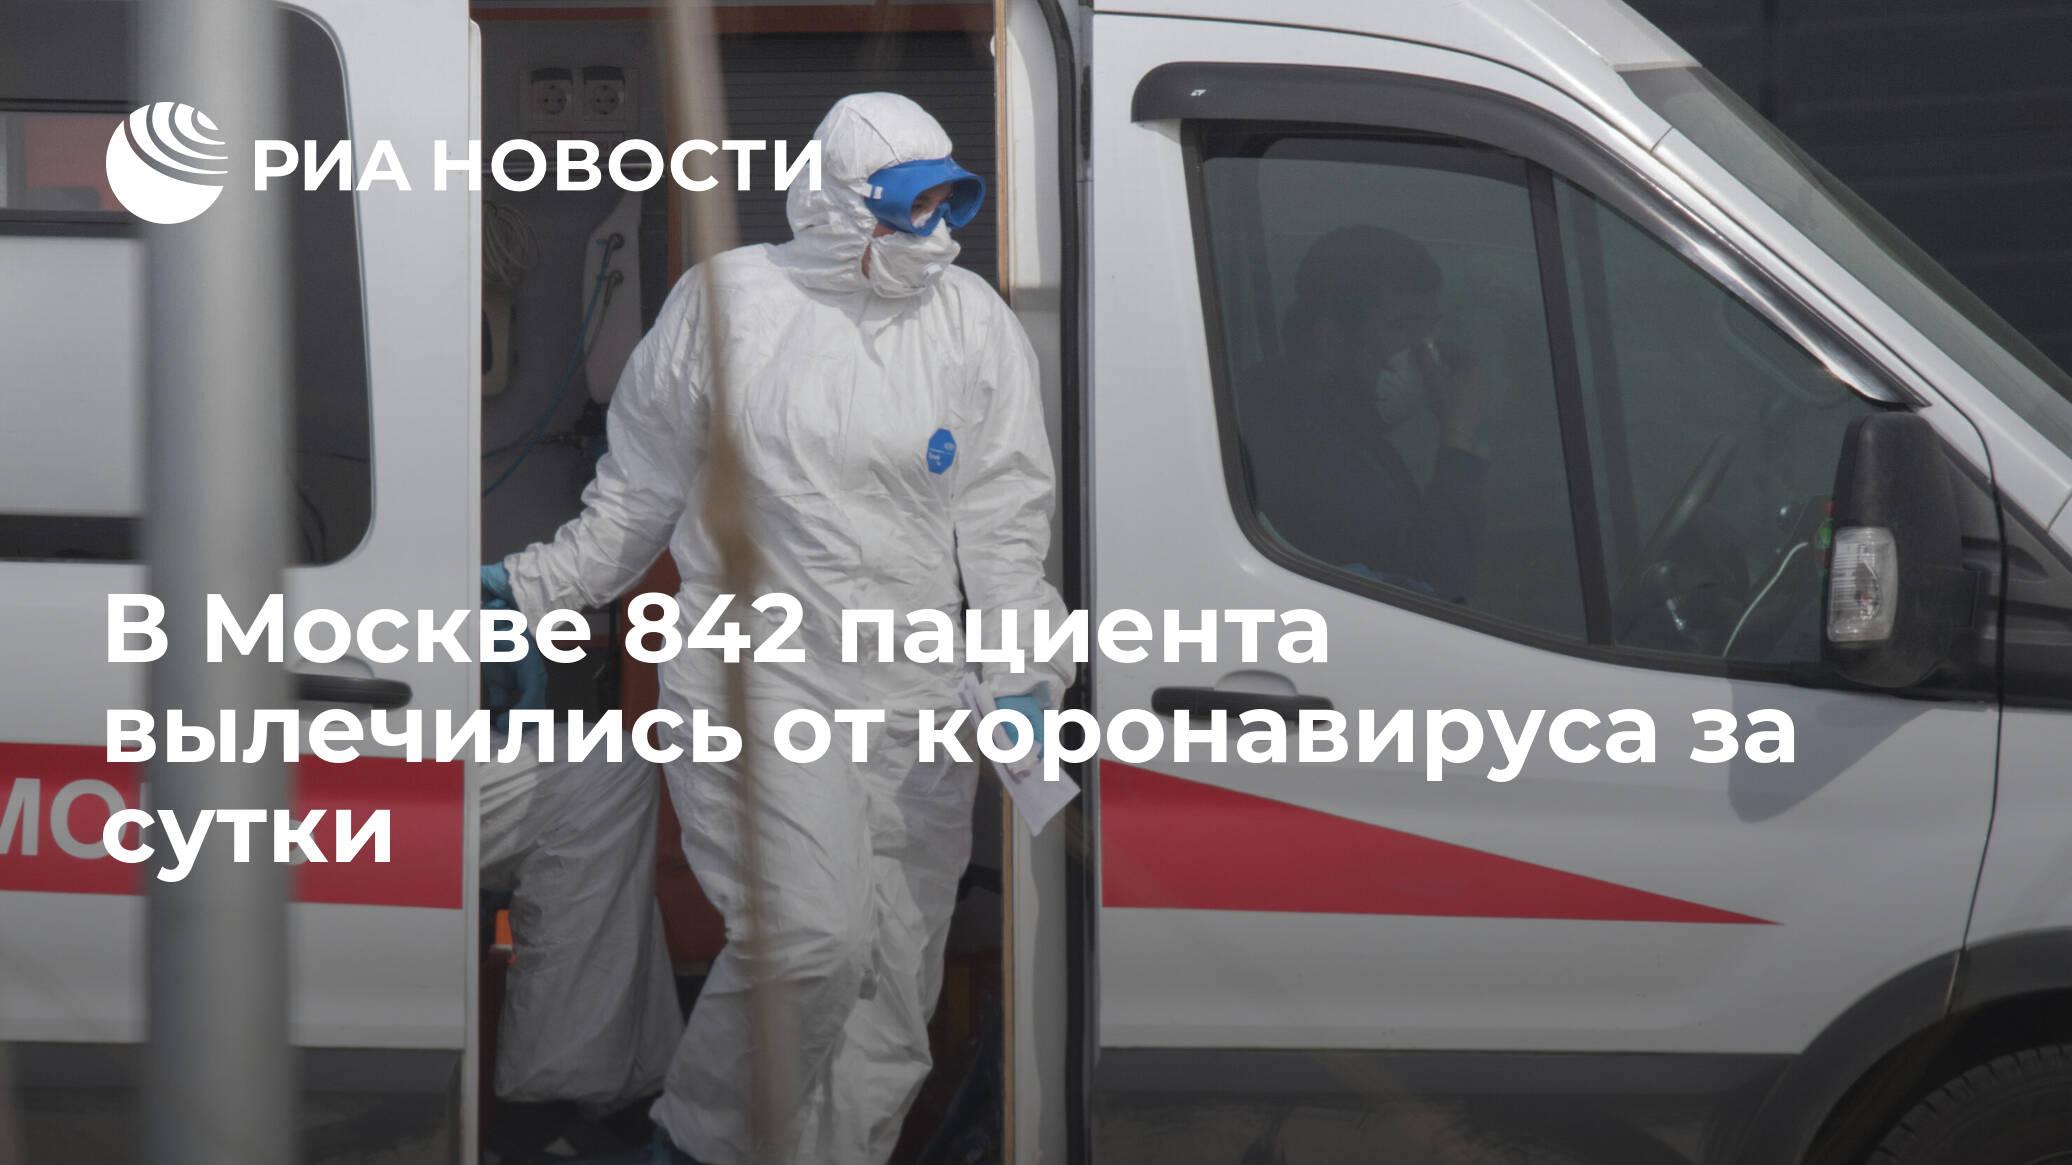 В Москве от коронавируса вылечились еще 842 человека